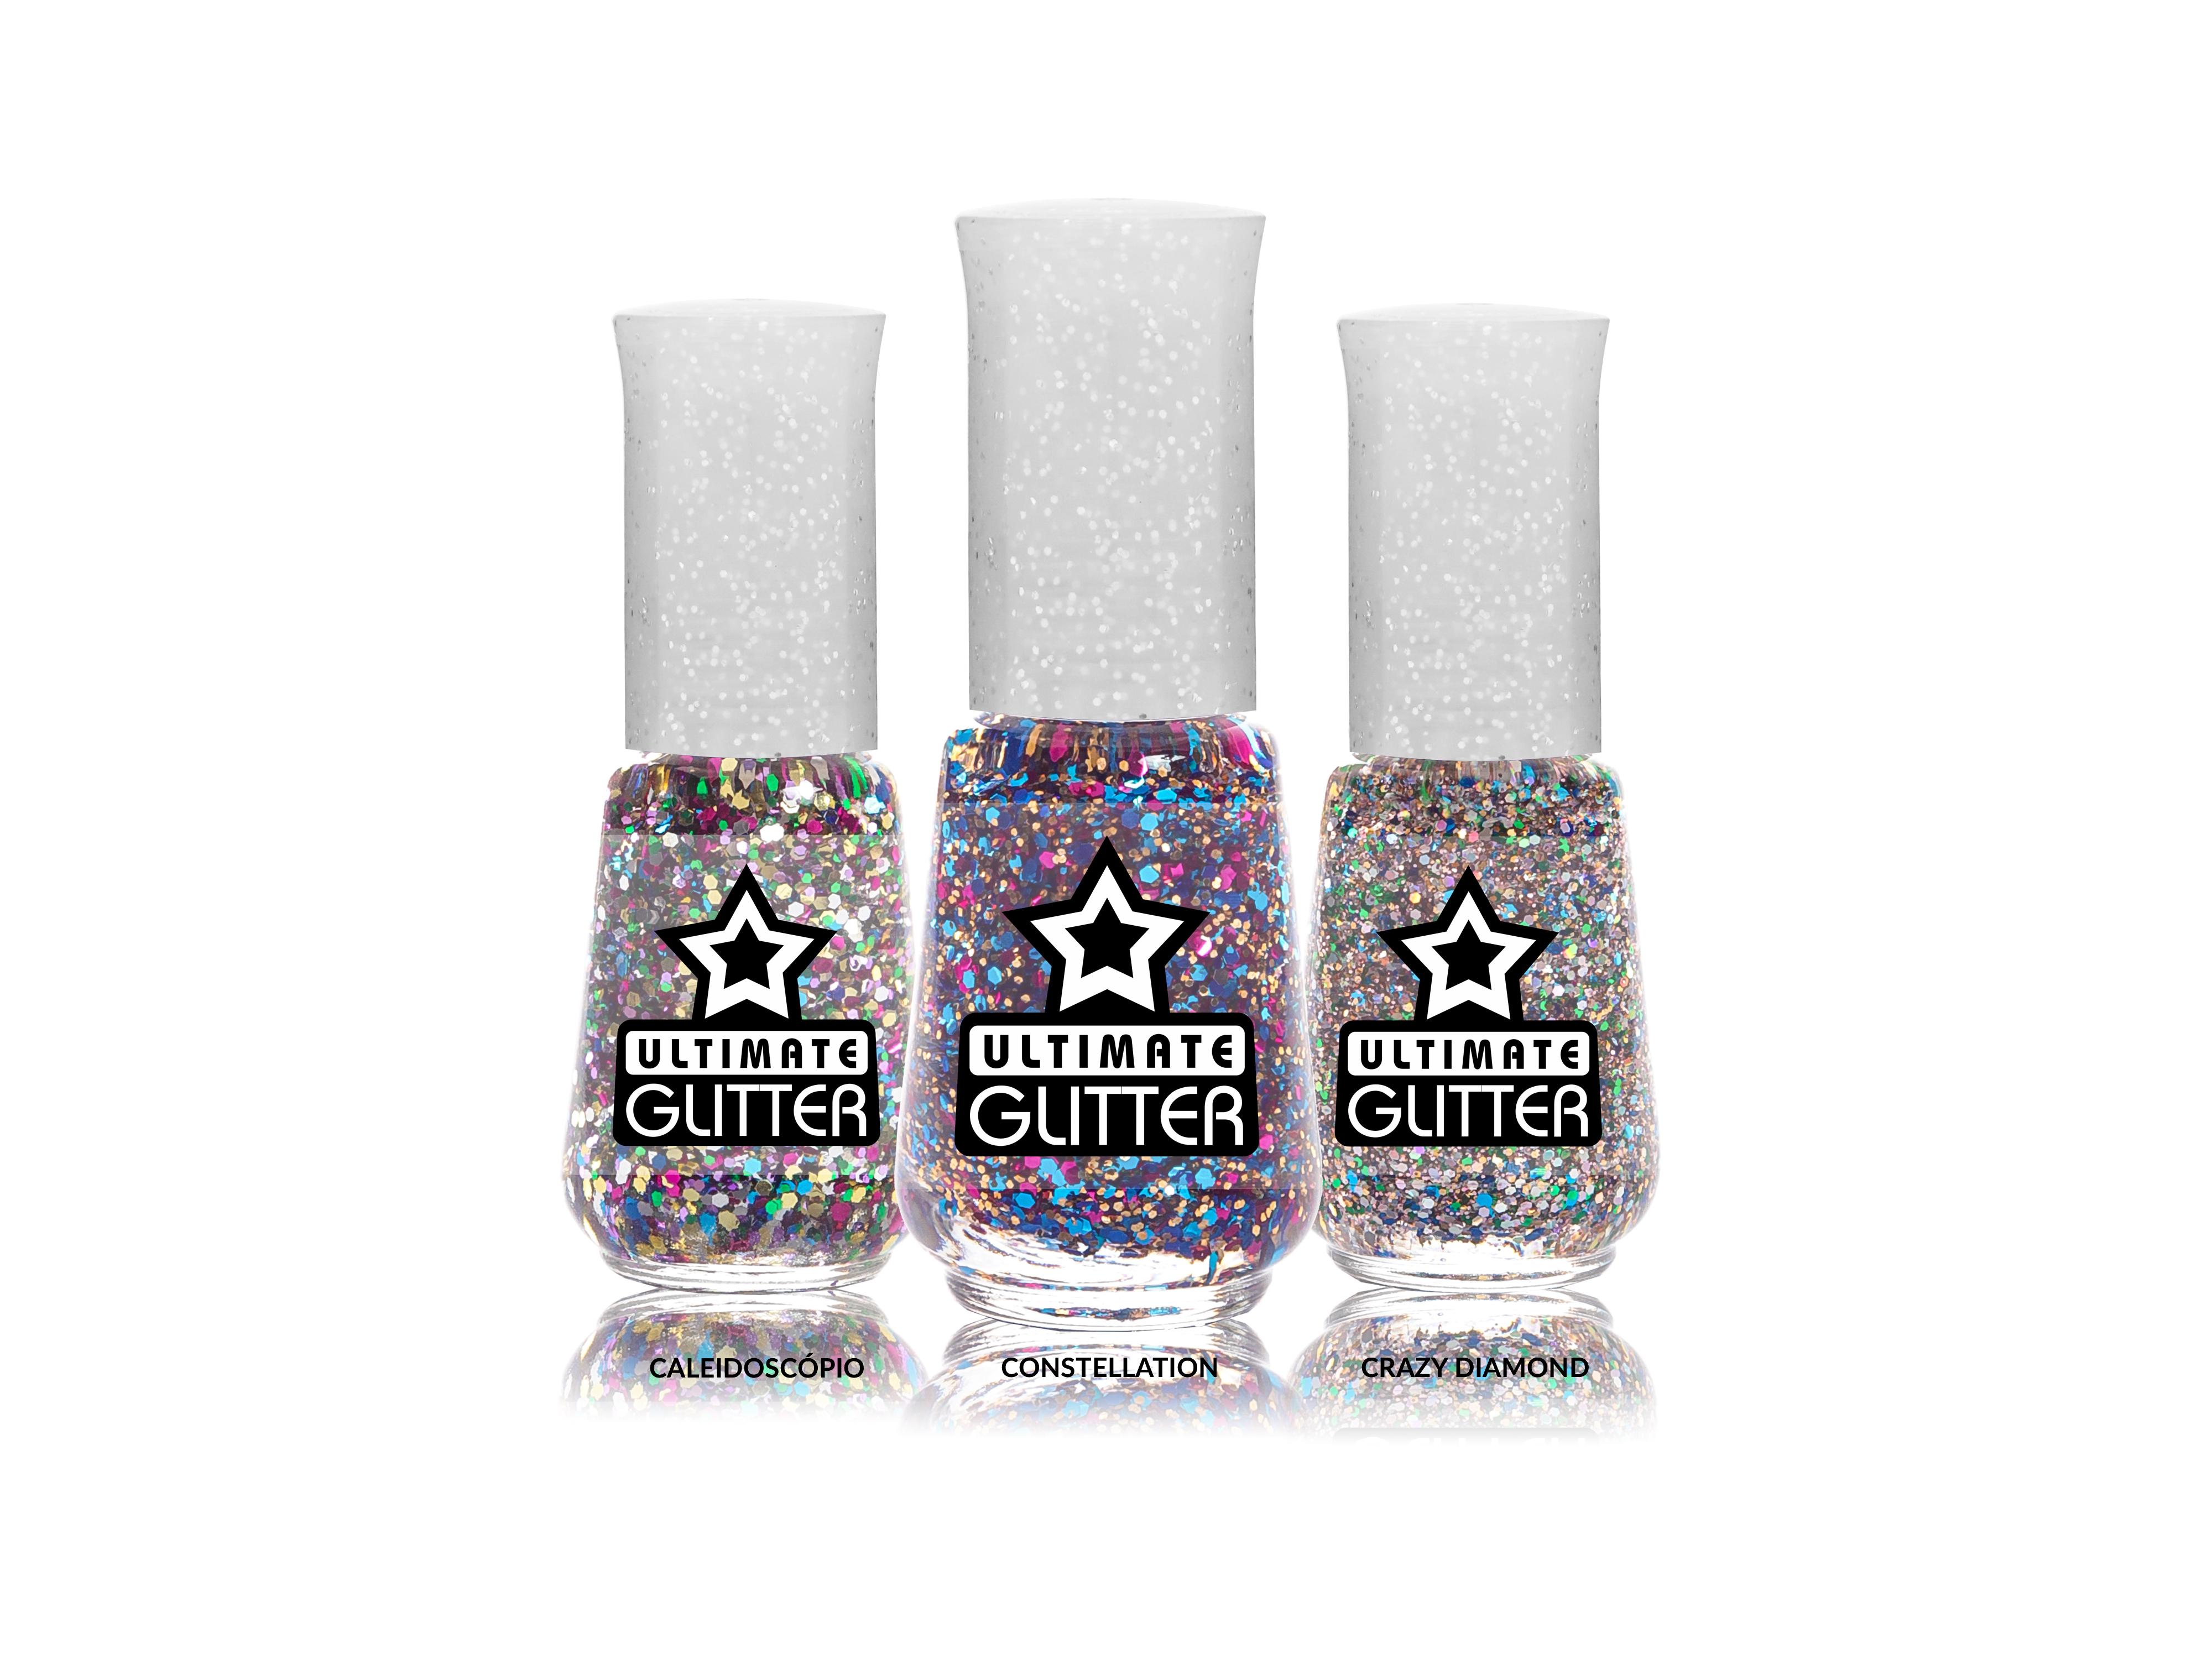 Verão rima com cor e a nova coleção da Ultimate Glitter, da Top Beauty traz três novos tipos de glitters para você abrilhantar ainda mais suas unhas, cobrindo qualquer esmalte ou usando sozinho. Preço sugerido: R$ 4,80 (cada)